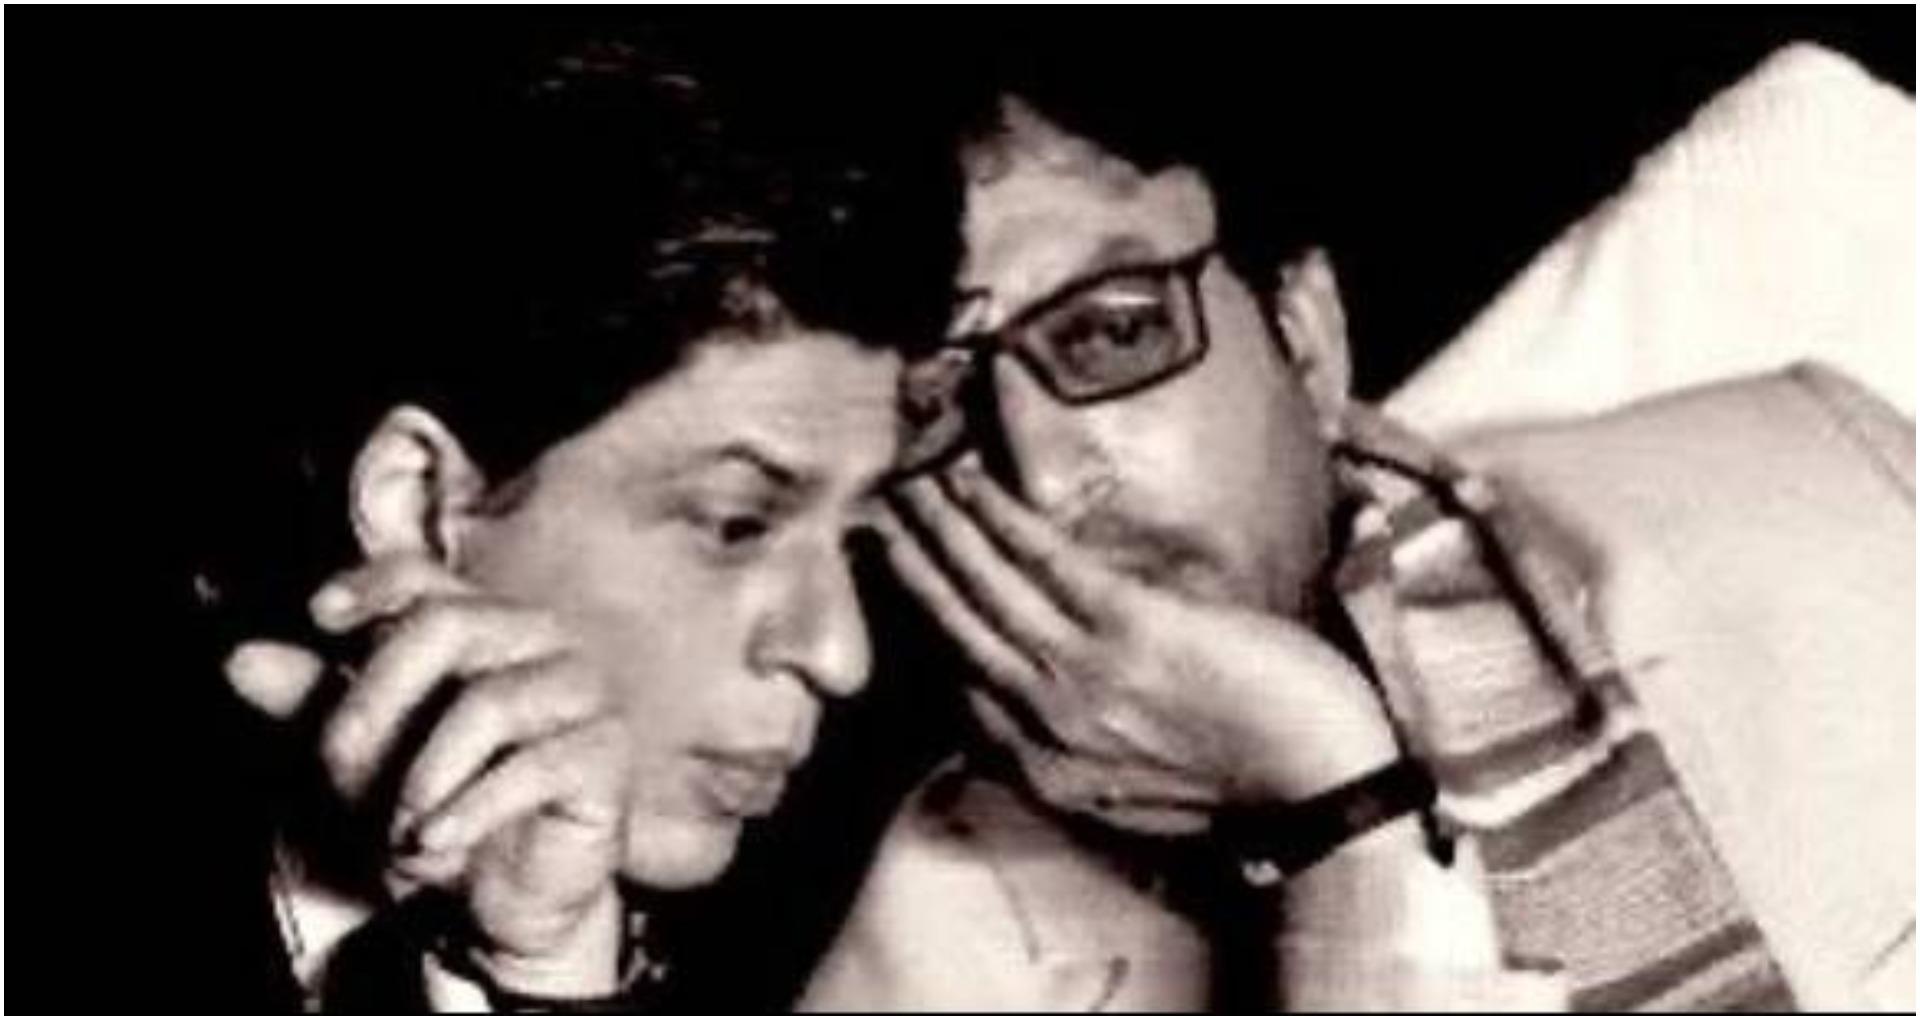 इरफान खान की खबर सुन भावुक हुए शाहरुख खान, पोस्ट में उनकी आंखों की तारीफ़ कर लिखा-'पैमाना कहे है कोई…'